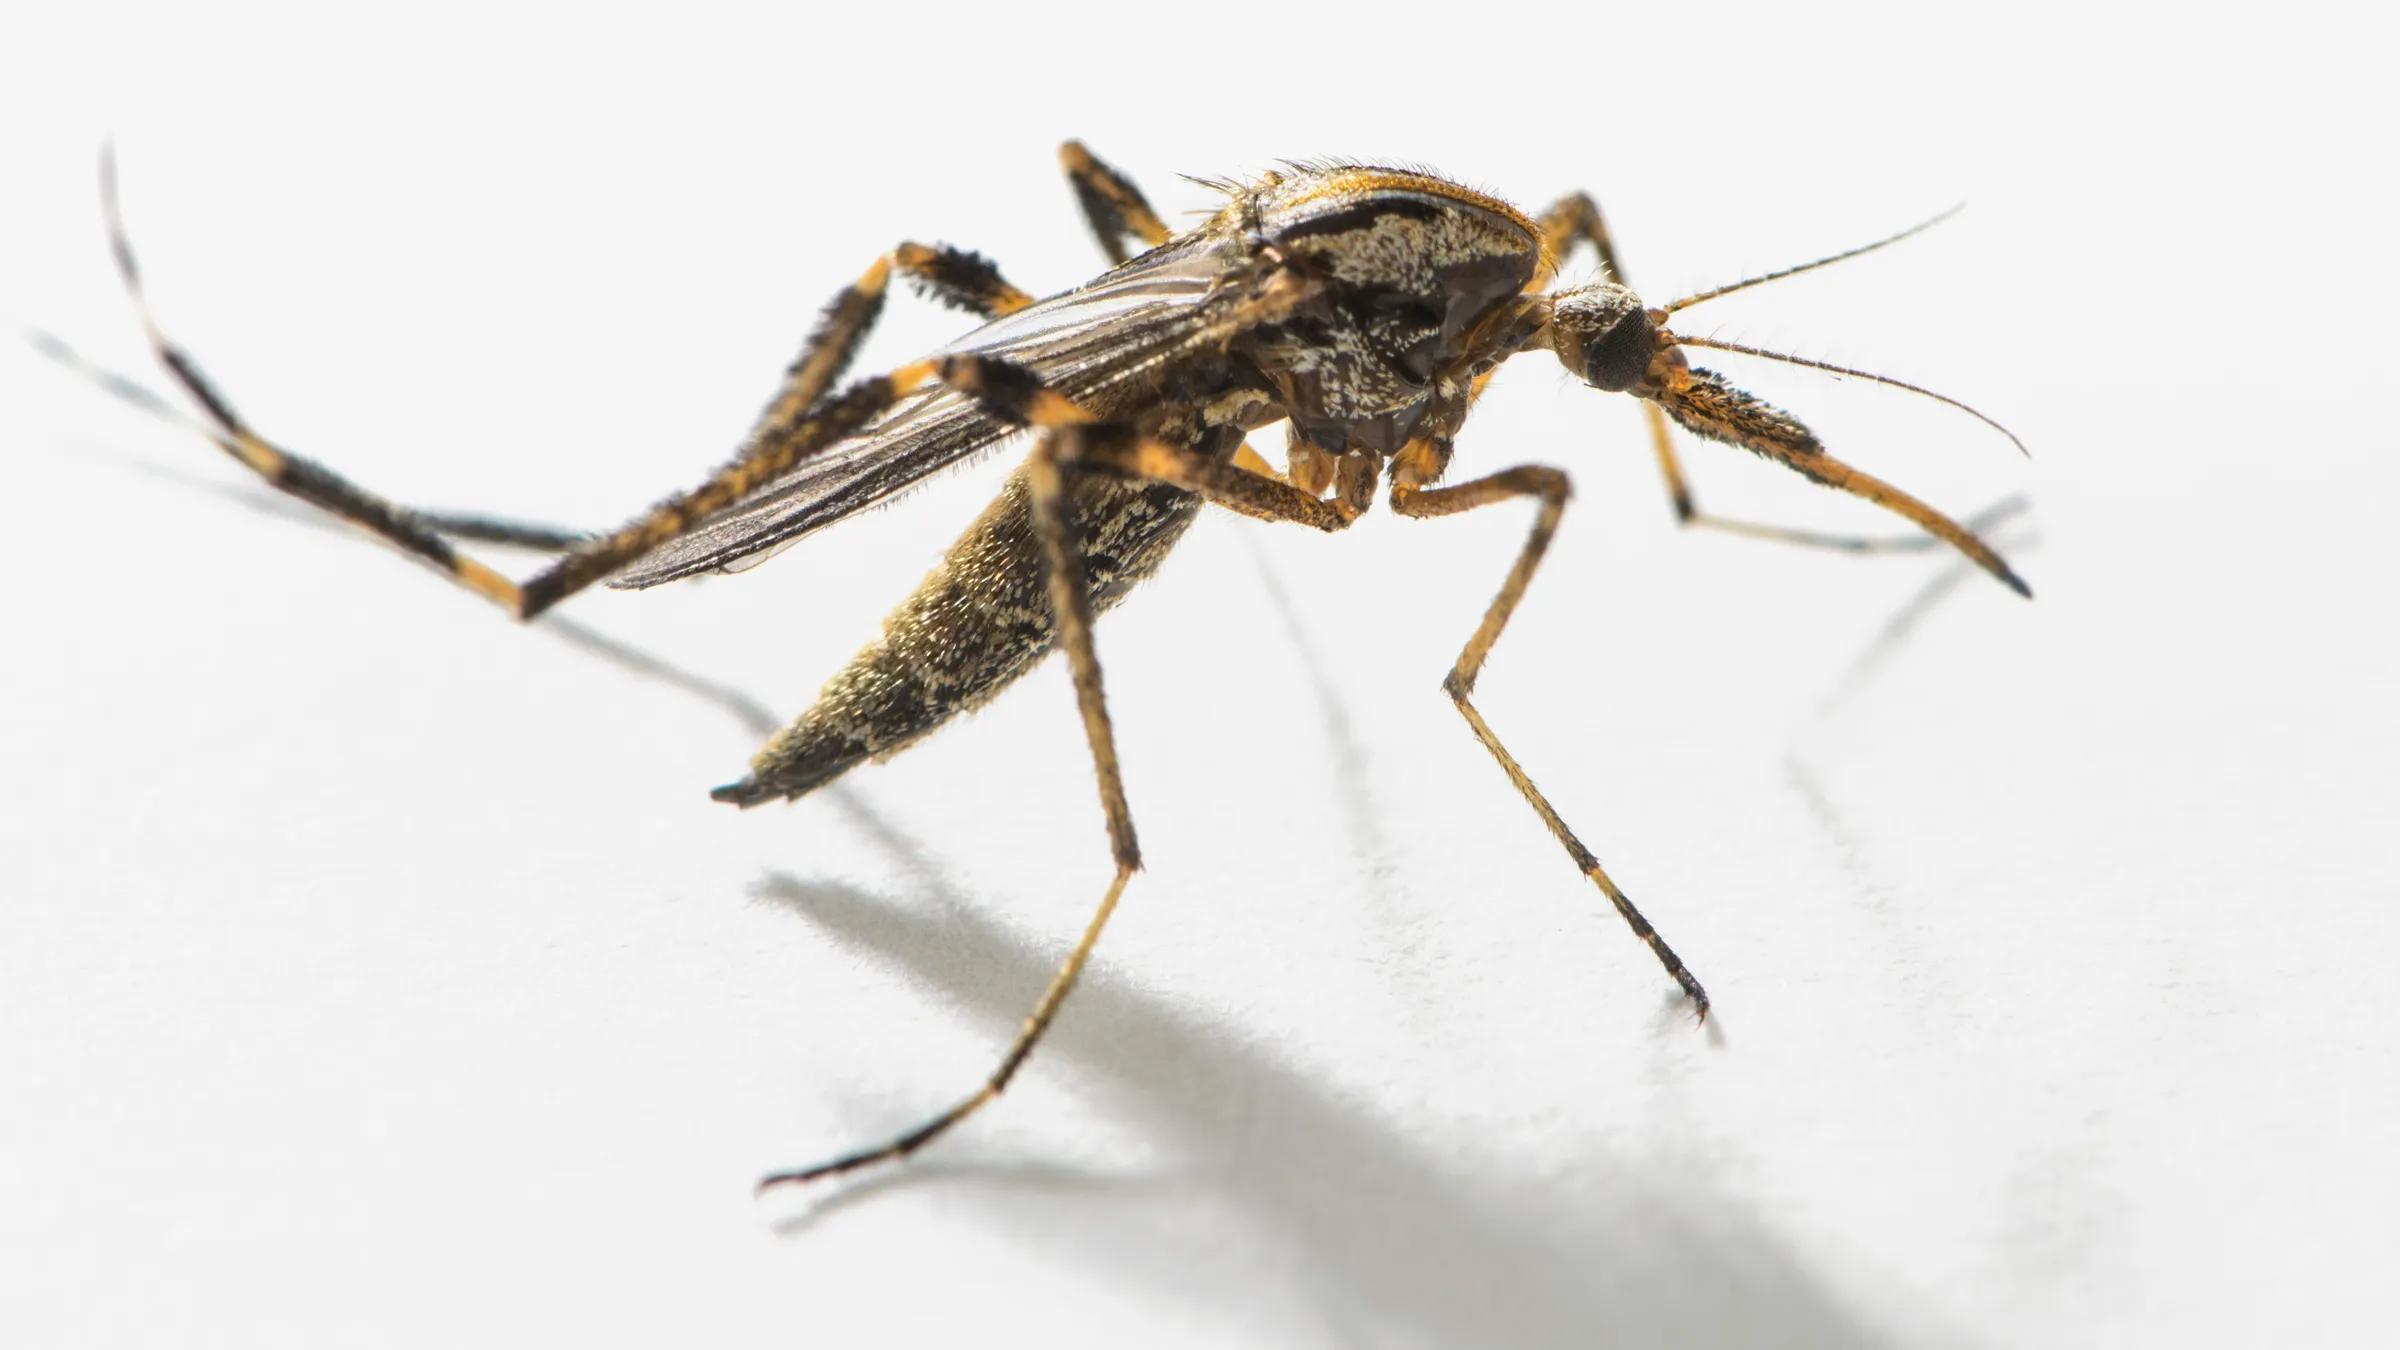 Комары и дрозофилы оказались способны на более сложное поведение, чем предполагали